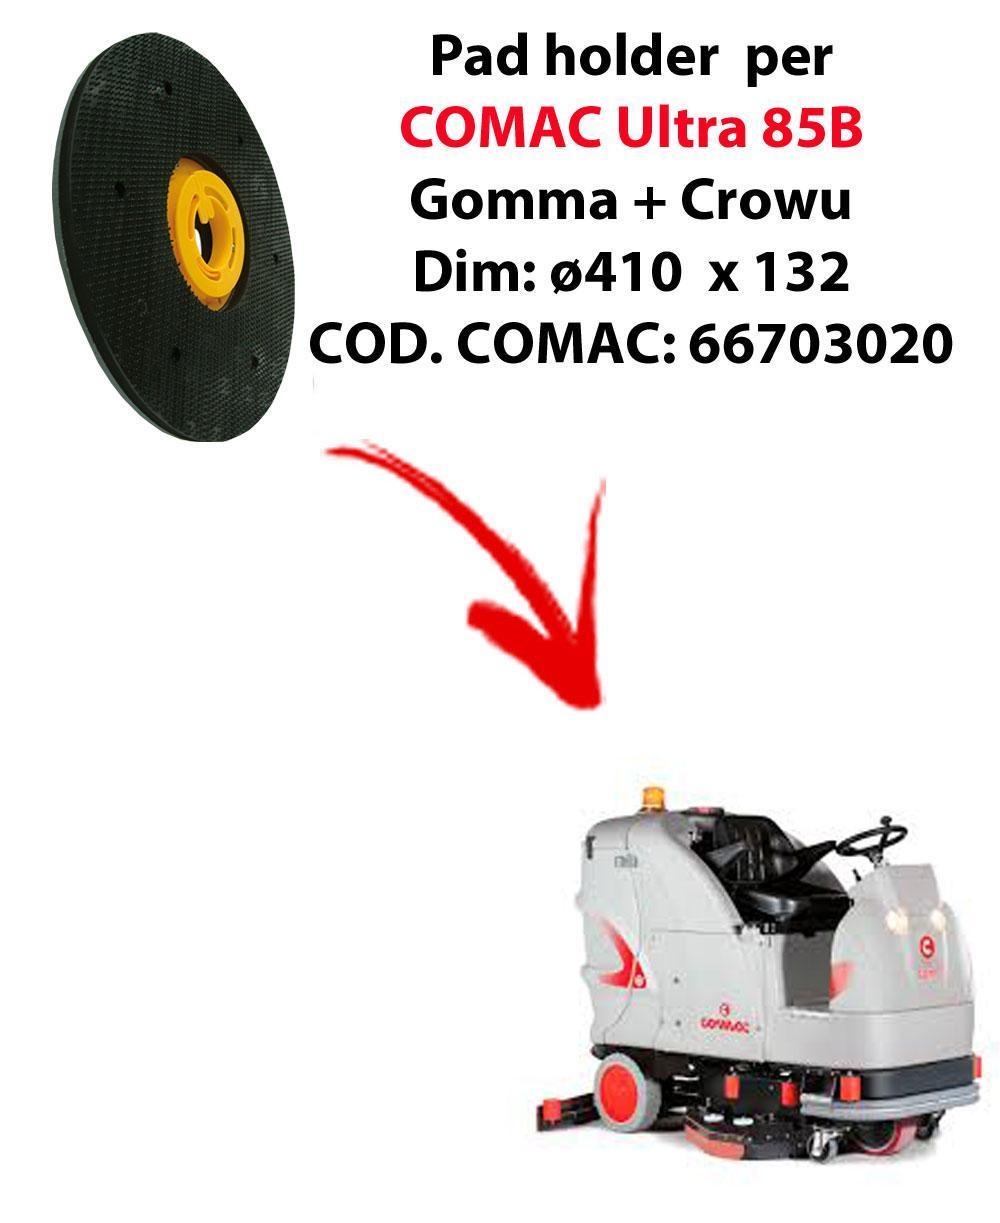 Plateau ( pad holder) pour autolaveuses COMAC Ultra 85B.